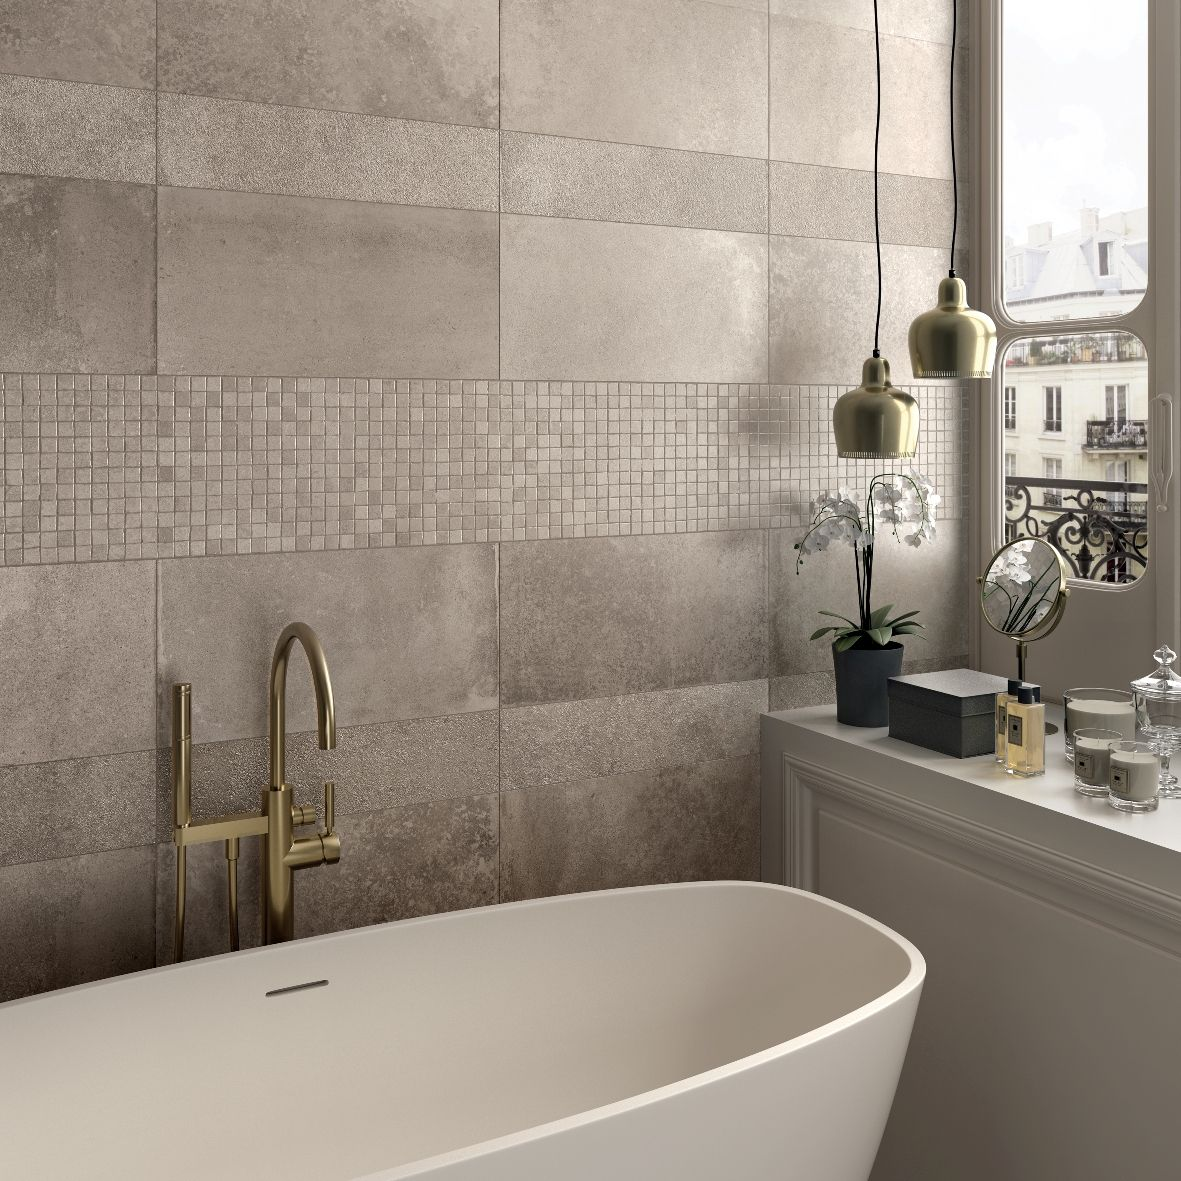 Fresco ed elegante questo bagno abkemozioni con unika ecru e mosaico opus mini ecru di abk - Finto mosaico bagno ...